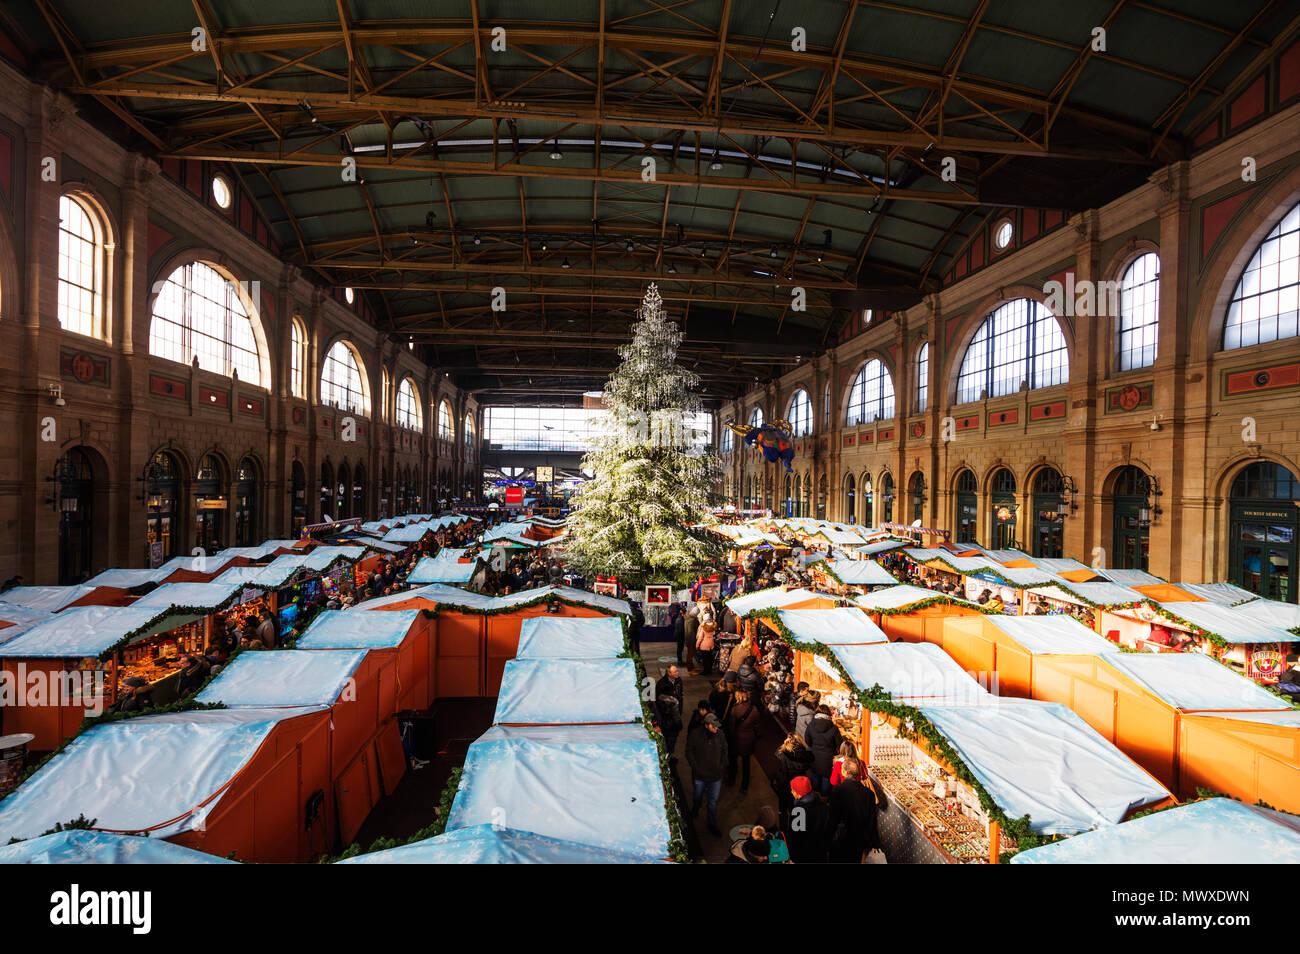 Weihnachtsmarkt Zürich.Weihnachtsmarkt Auf Der Bahnhof Zürich Zürich Schweiz Europa